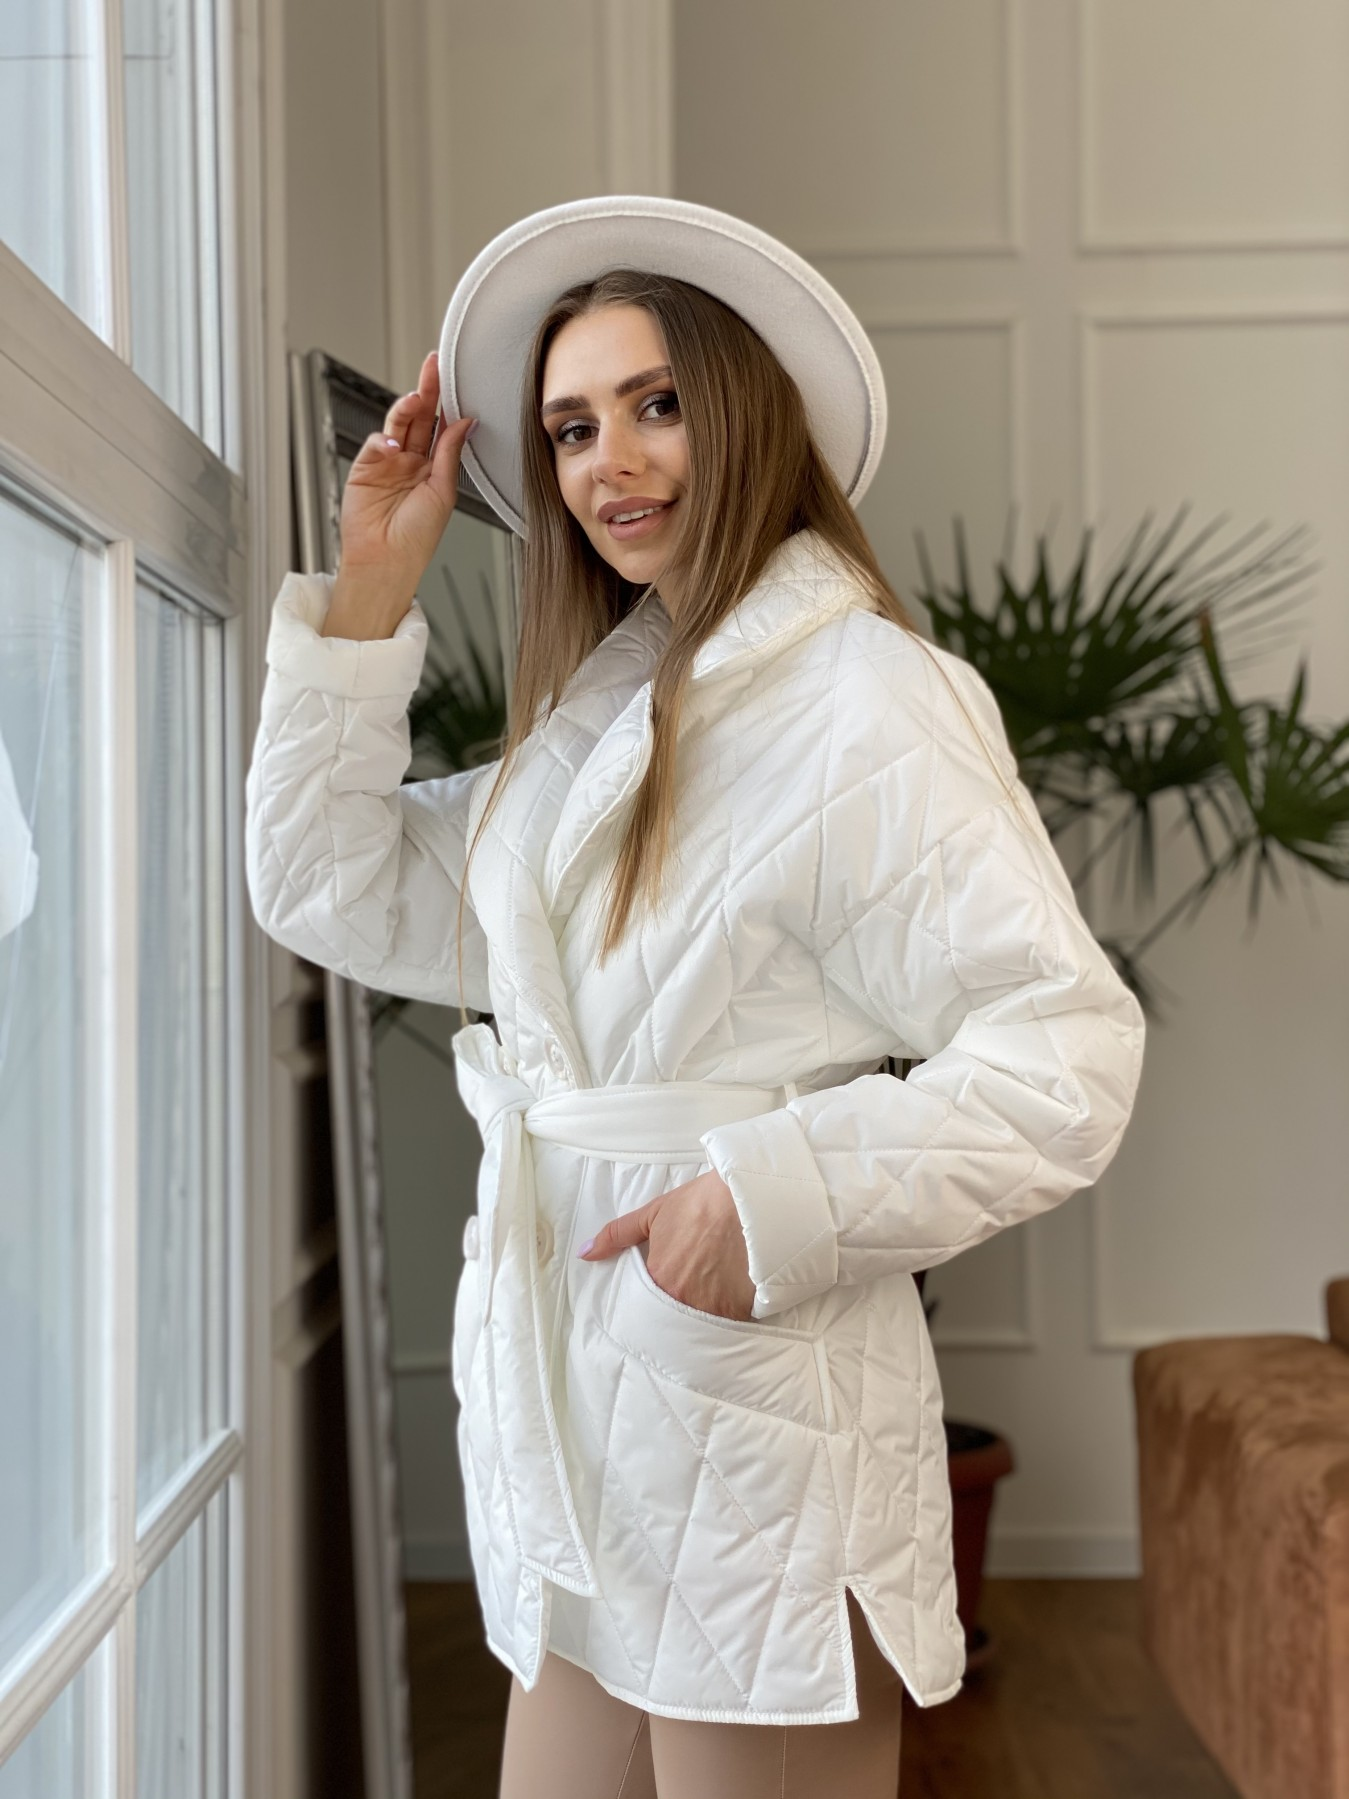 Норд куртка из плащевой ткани стеганая 10883 АРТ. 47423 Цвет: Молоко - фото 7, интернет магазин tm-modus.ru